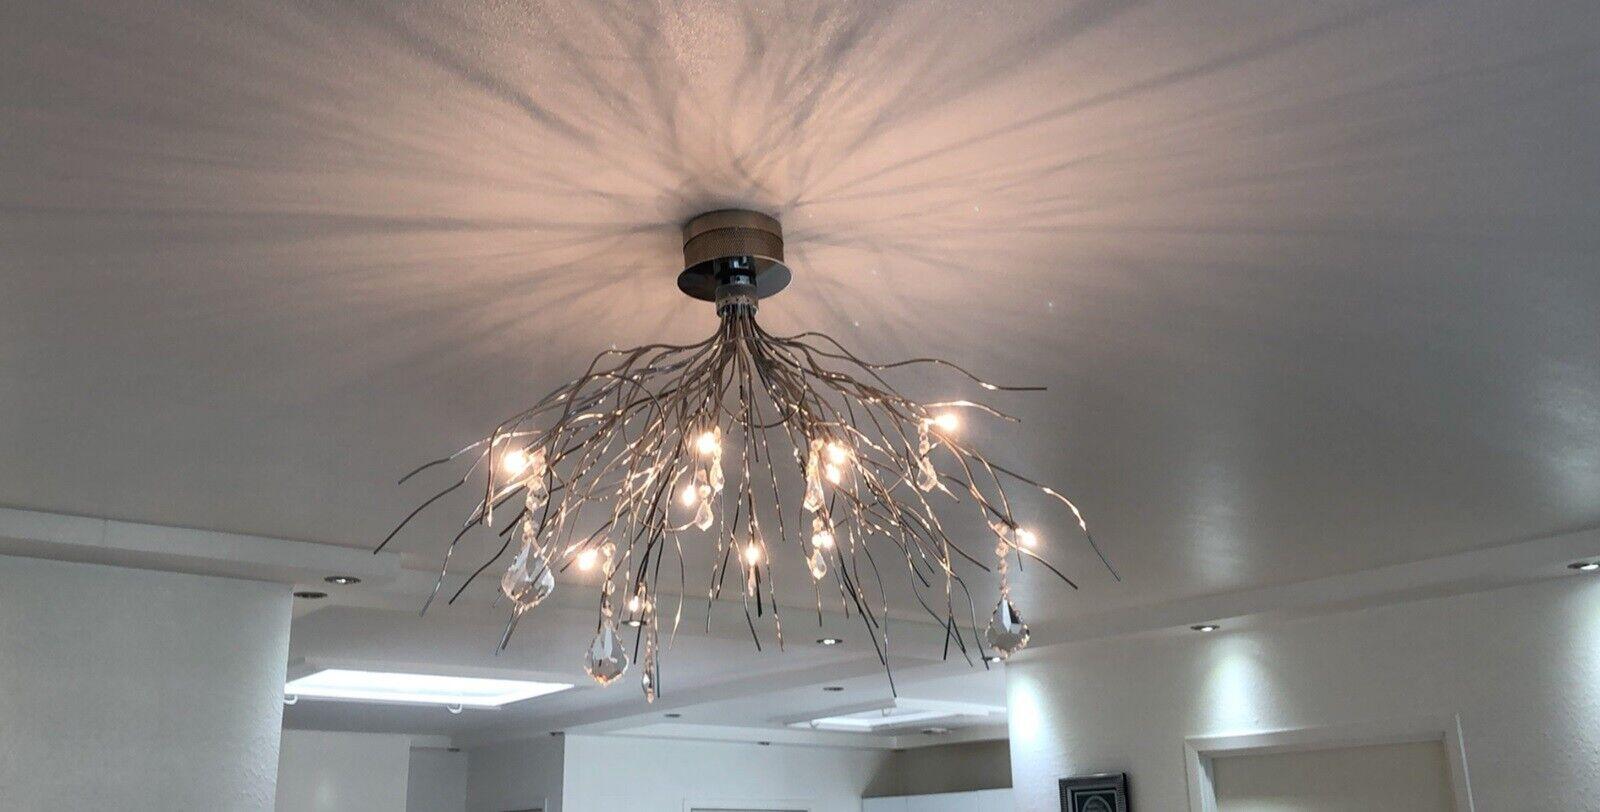 Anden Loftslampe Bauhaus Dba Dk Kob Og Salg Af Nyt Og Brugt